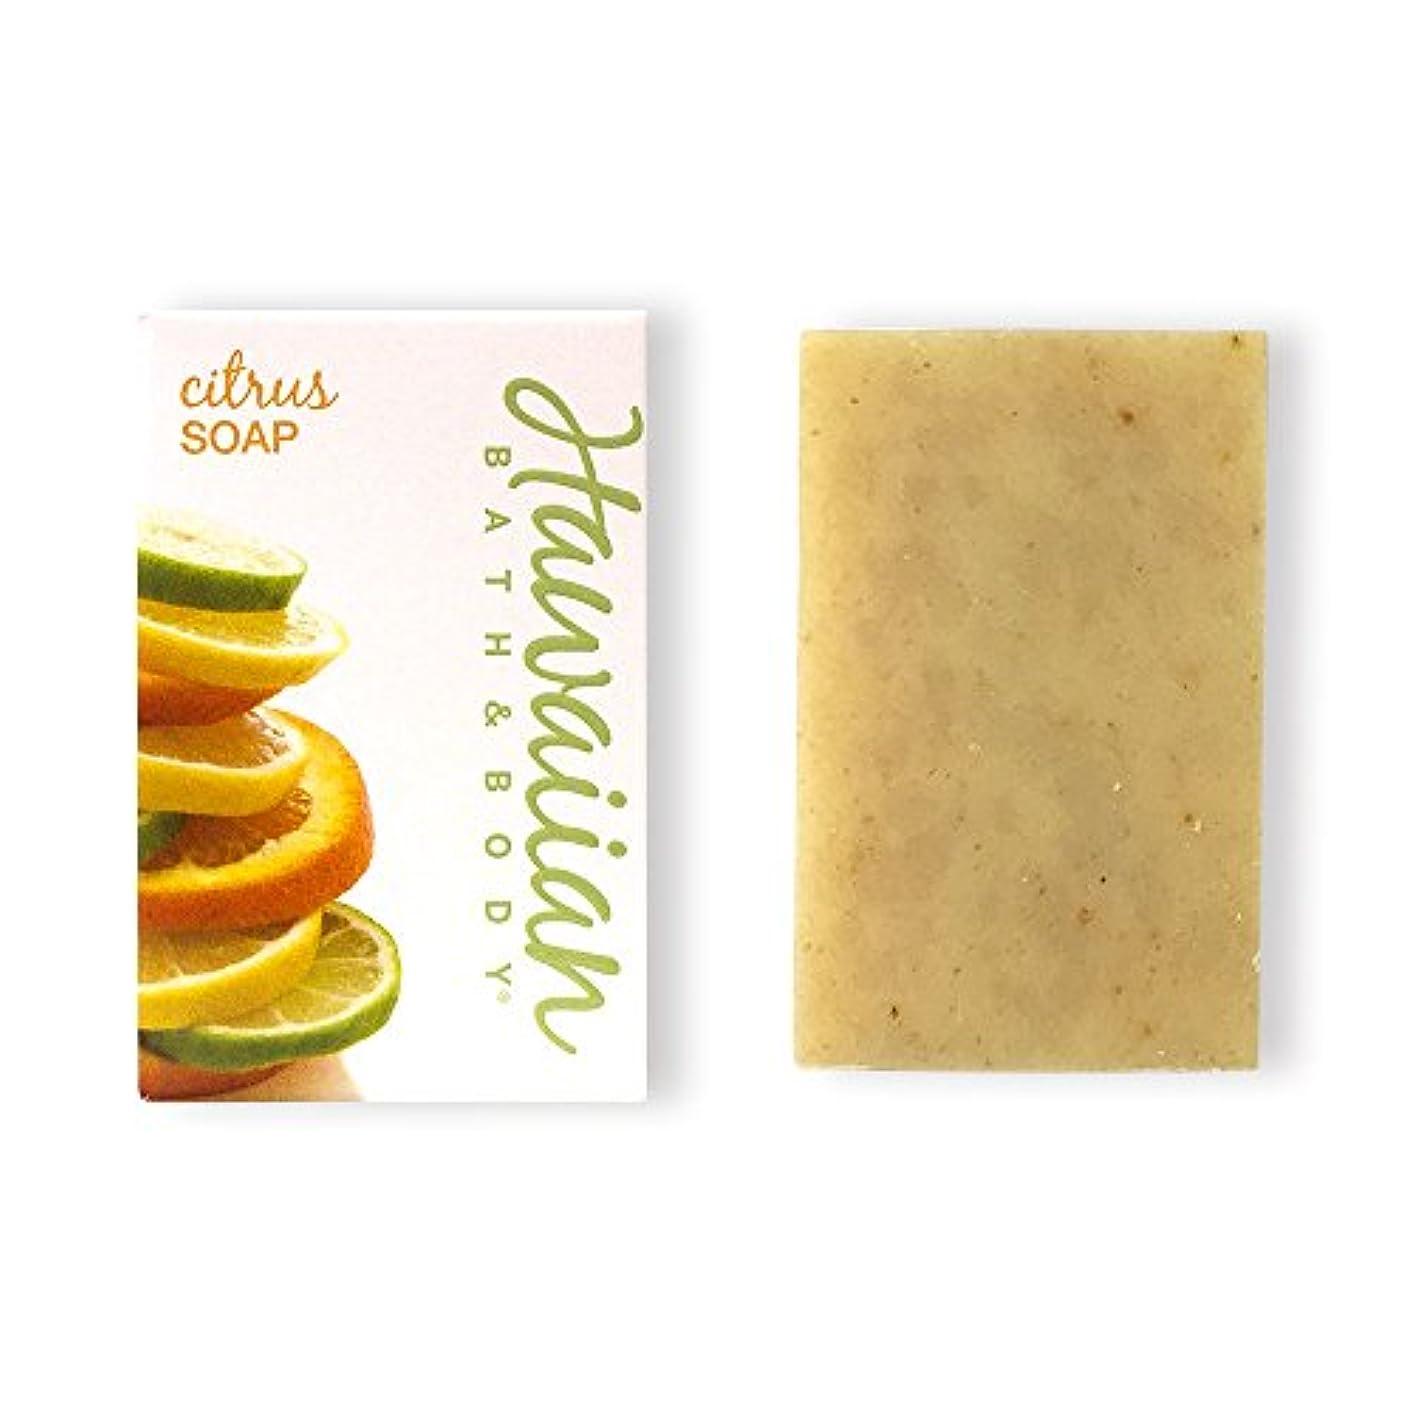 逆さまにバックアップ勝者ハワイアンバス&ボディ ハワイアン?シトラスソープ( Citrus Soap )